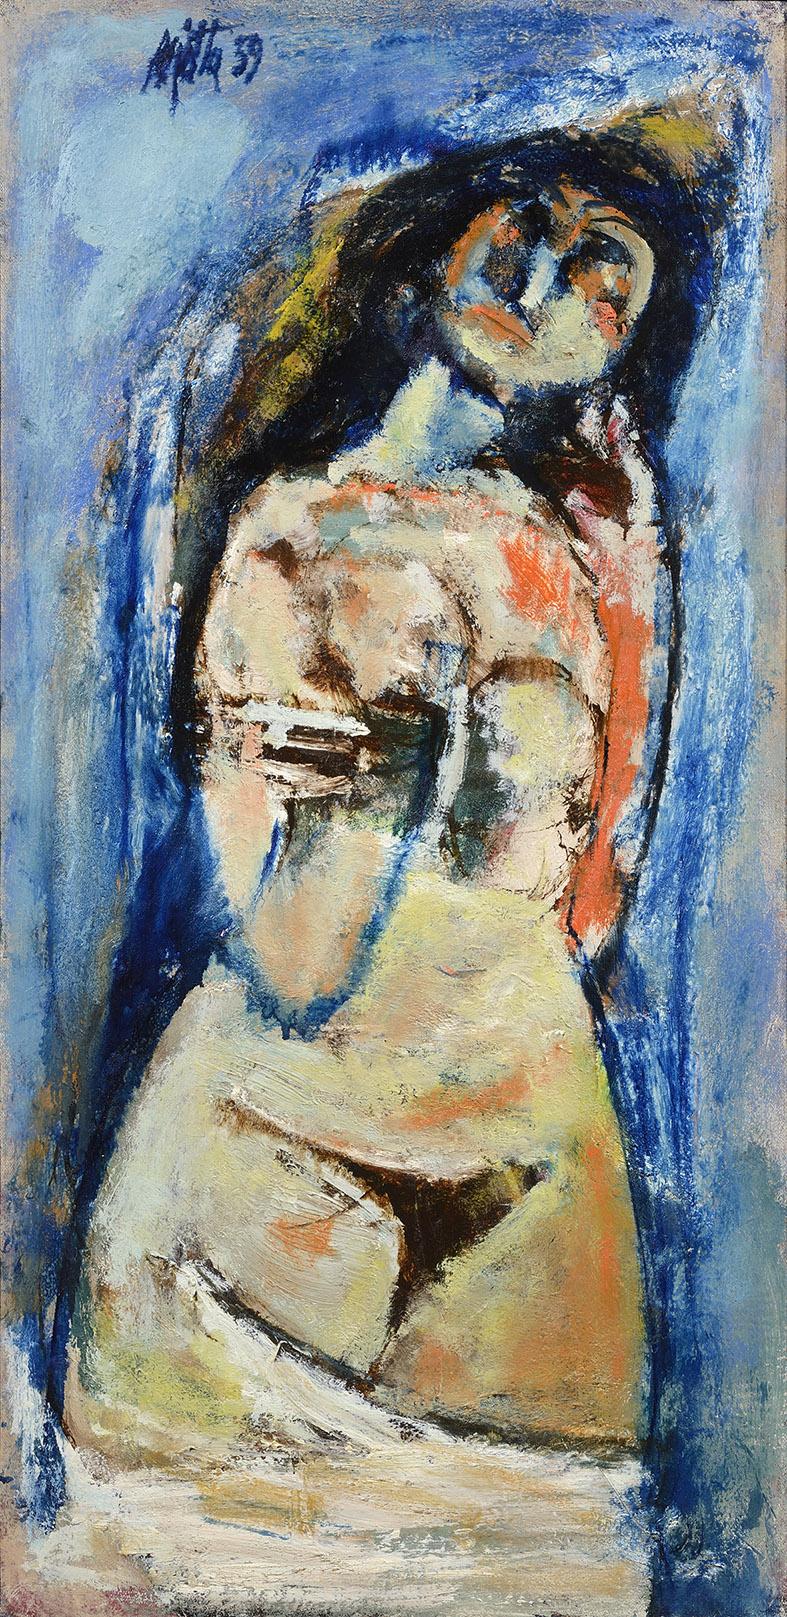 Nudo disvelato, 1959 olio su tela, 90 x 45 cm